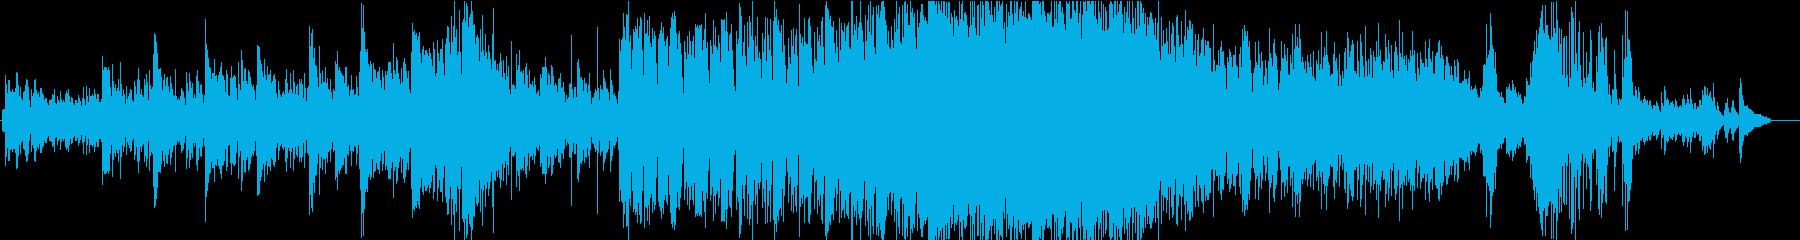 和風楽曲コンテスト「優秀賞」受賞作品の再生済みの波形